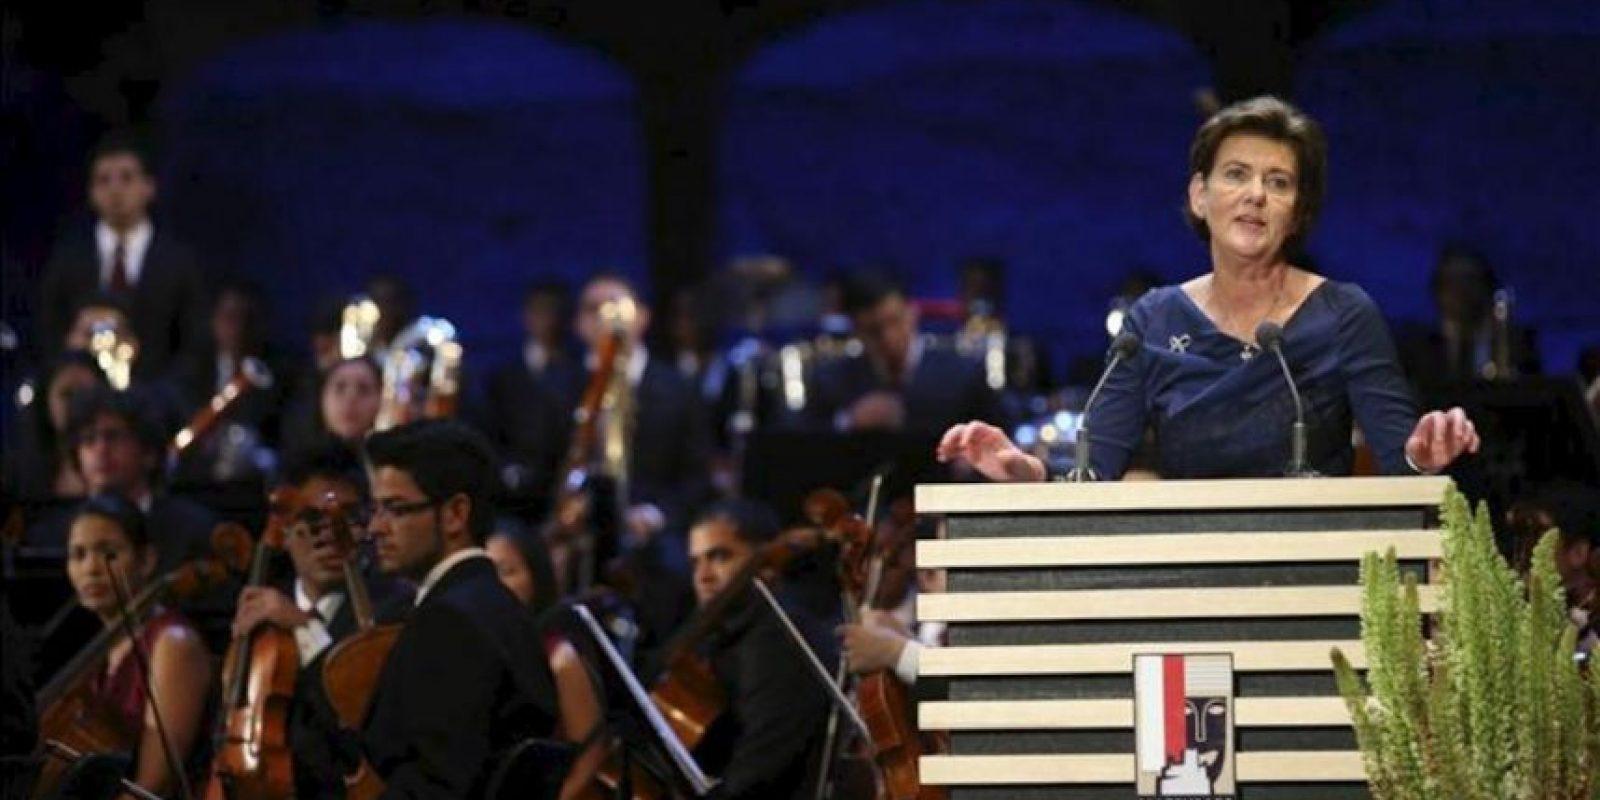 La presidenta del Festival de Salzburgo, Helga Rabl Stadler, ofrece un discurso durante la inauguración del Festival de Salzburgo celebrada en el teatro Felsenreitschule (Austria). EFE